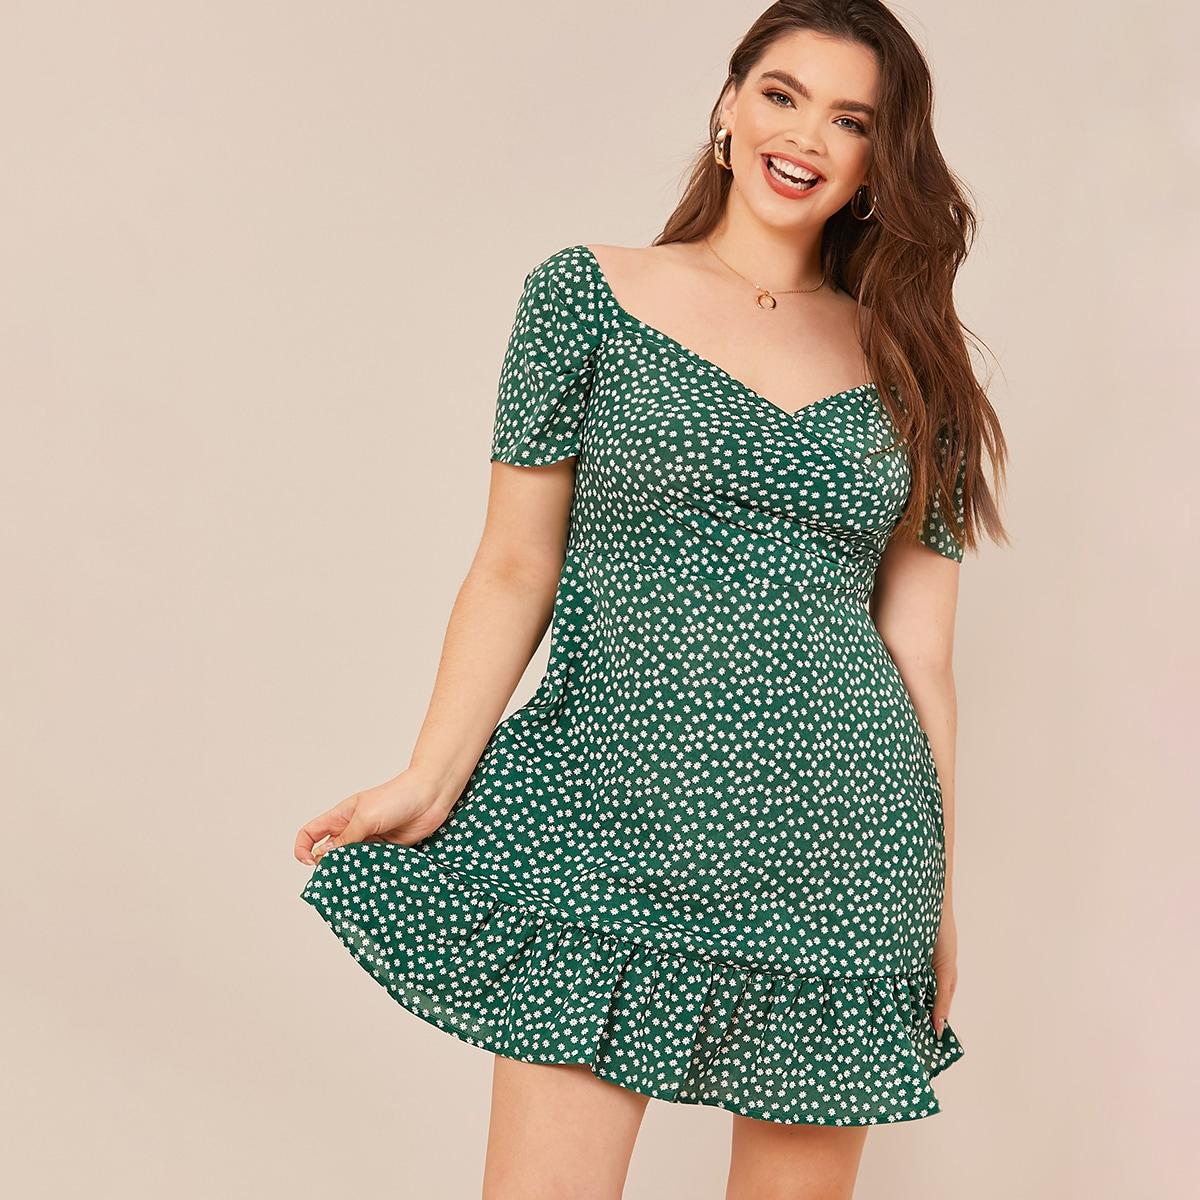 Цветочное платье размера плюс с молнией и оборками